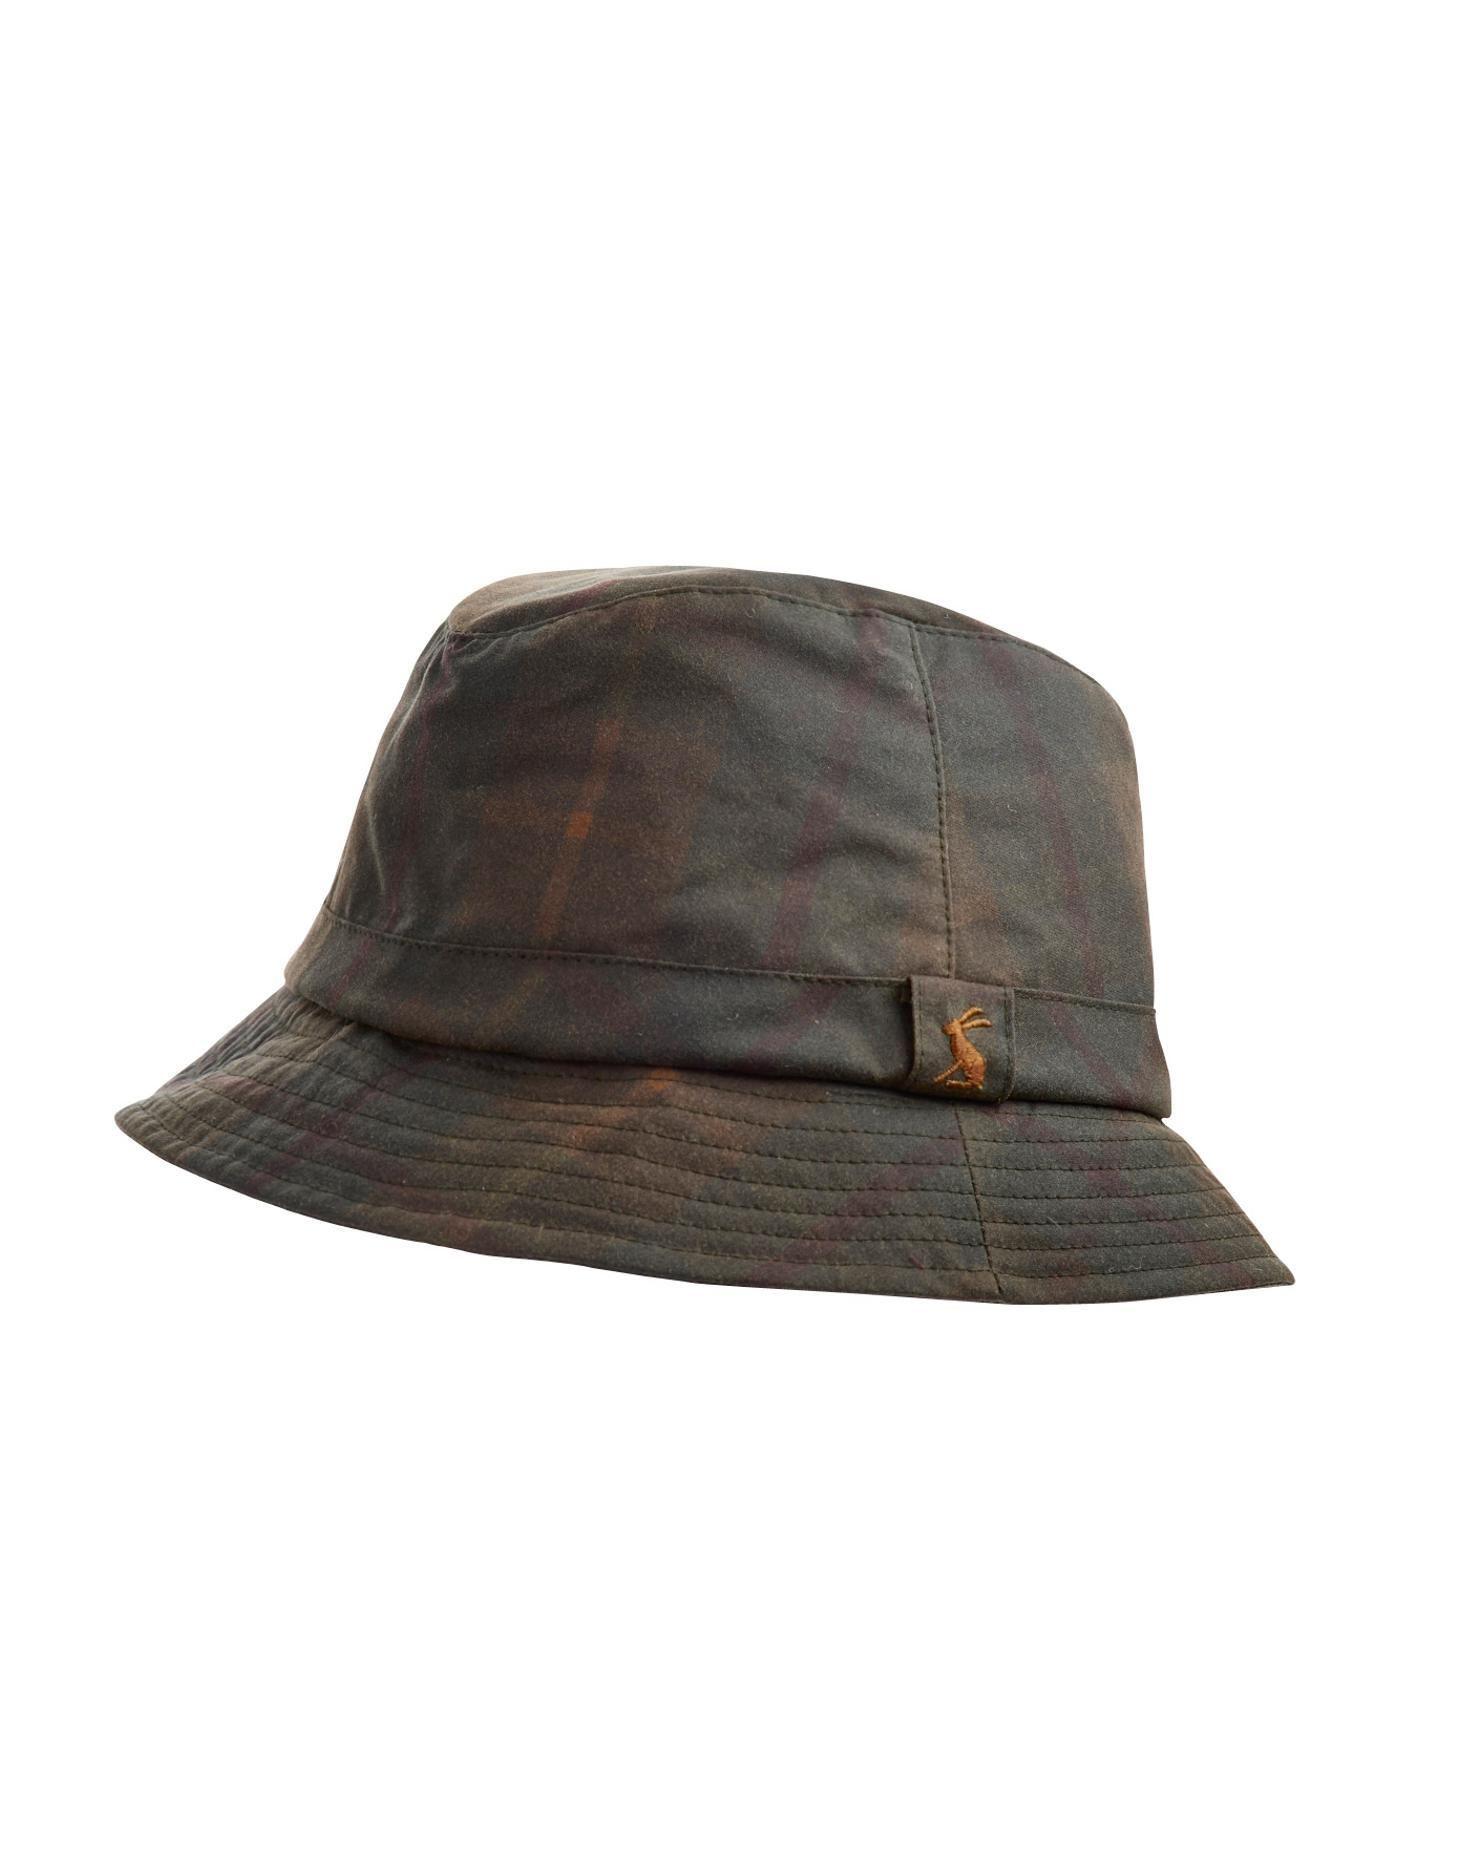 f54ae8feb39 Joules Womens Tartan Wax Hat